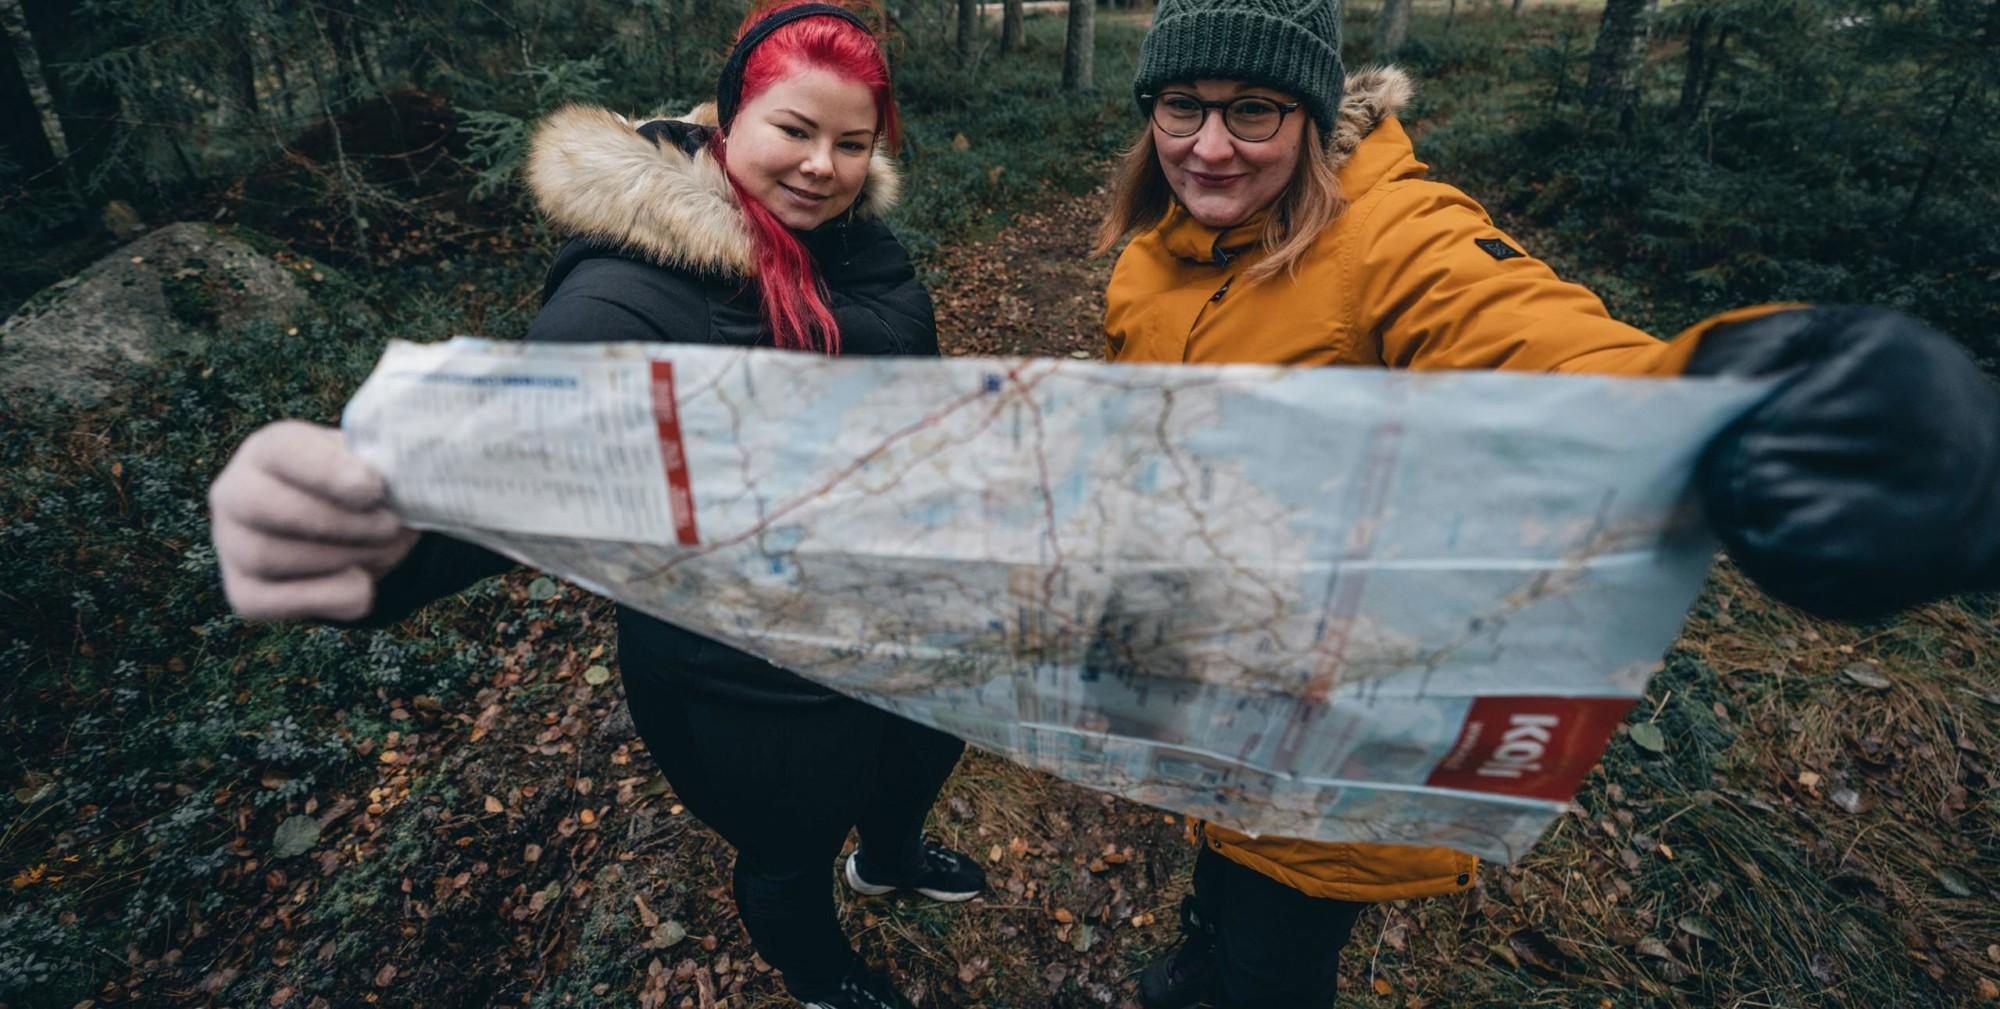 Kaksi naista katsoo karttaa.